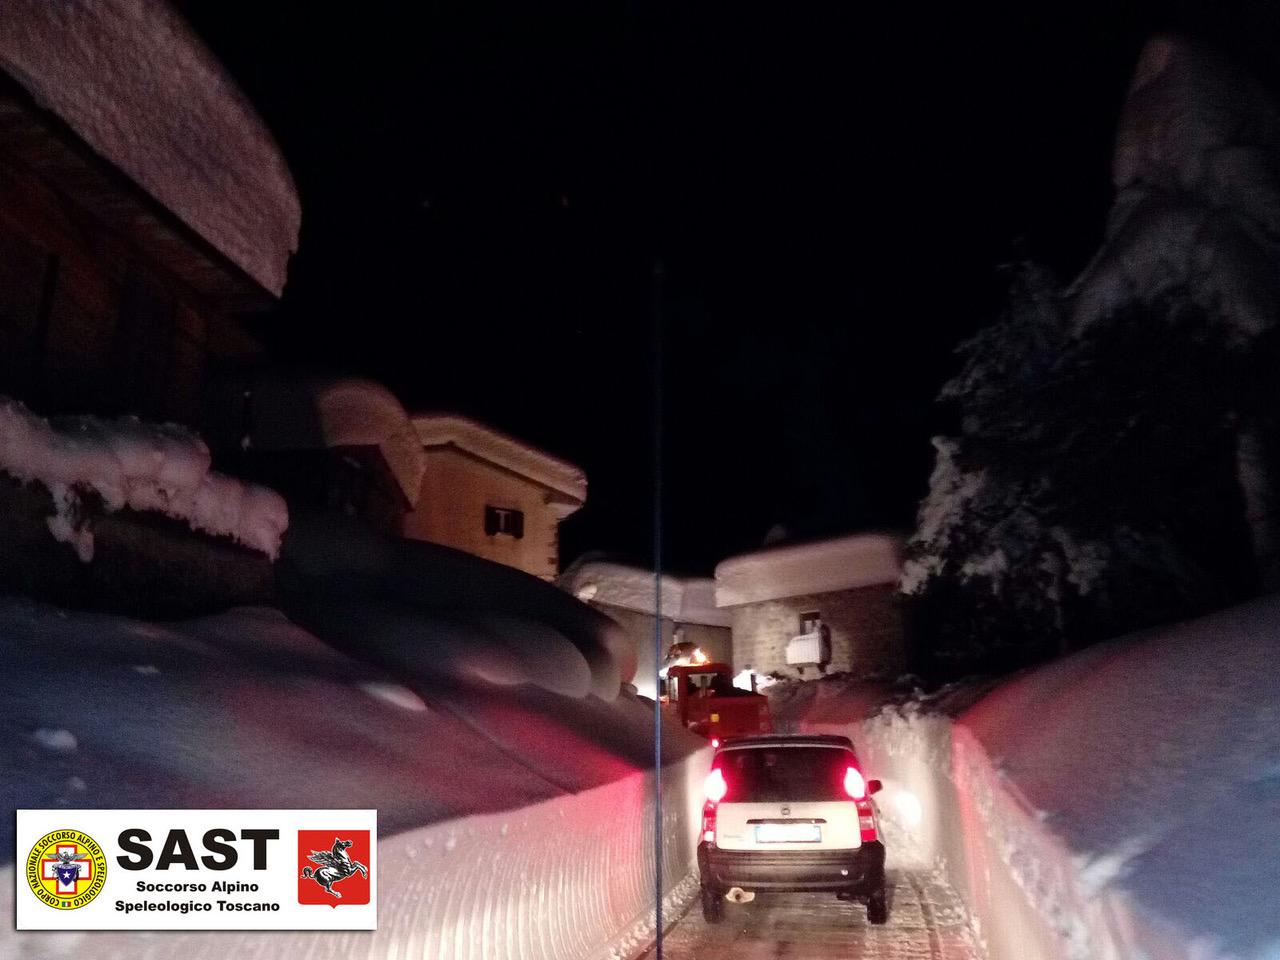 Le squadre del Soccorso Alpino Toscano nei territori colpiti dall'emergenza